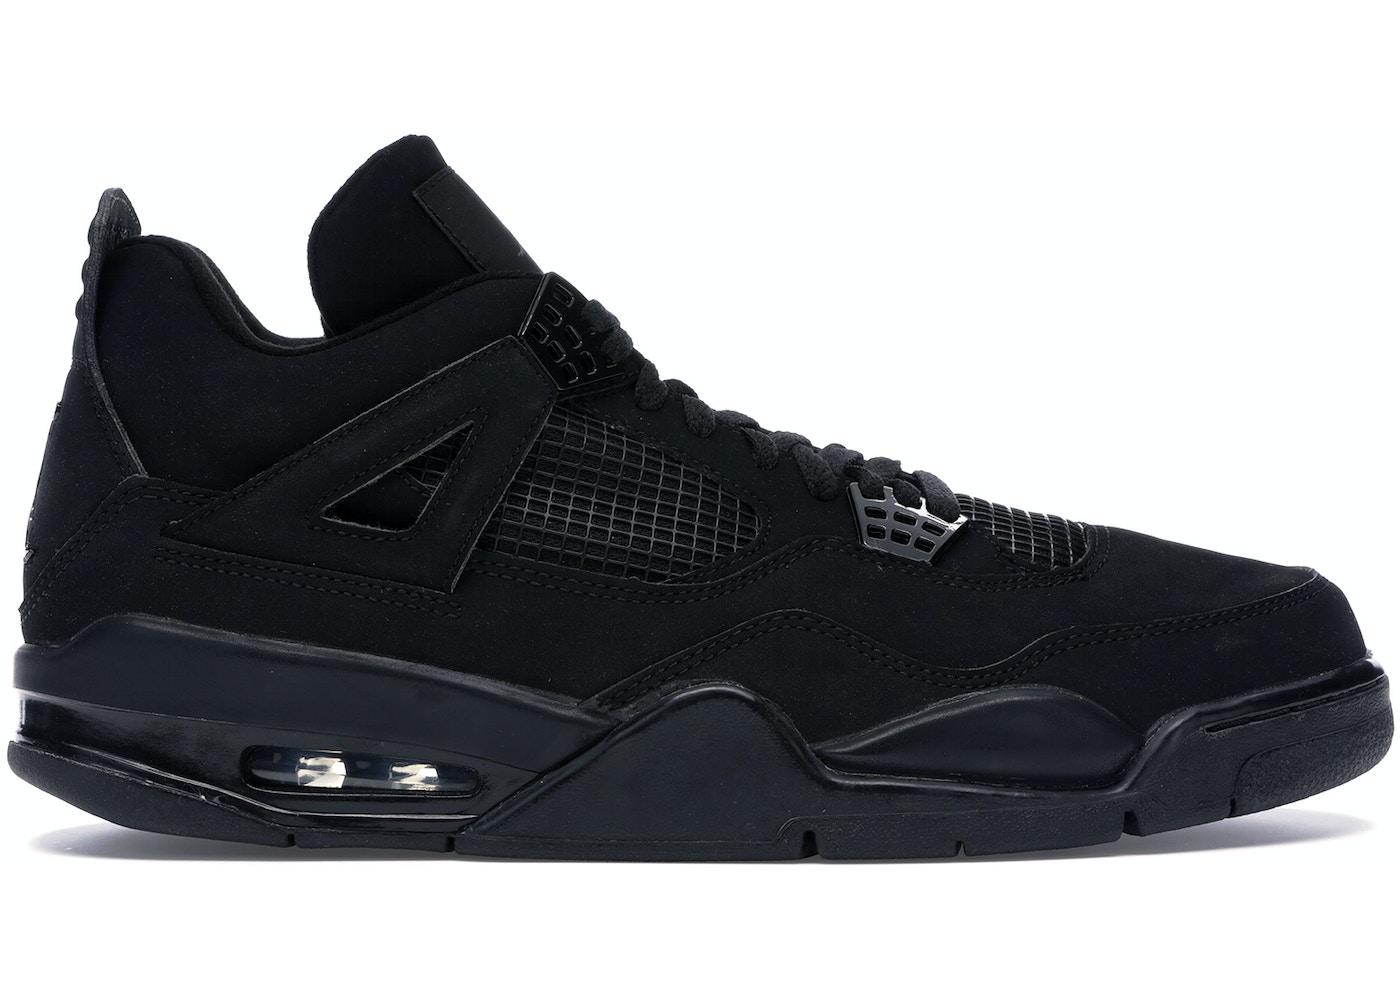 meet 29568 24116 Jordan 4 Retro Black Cat